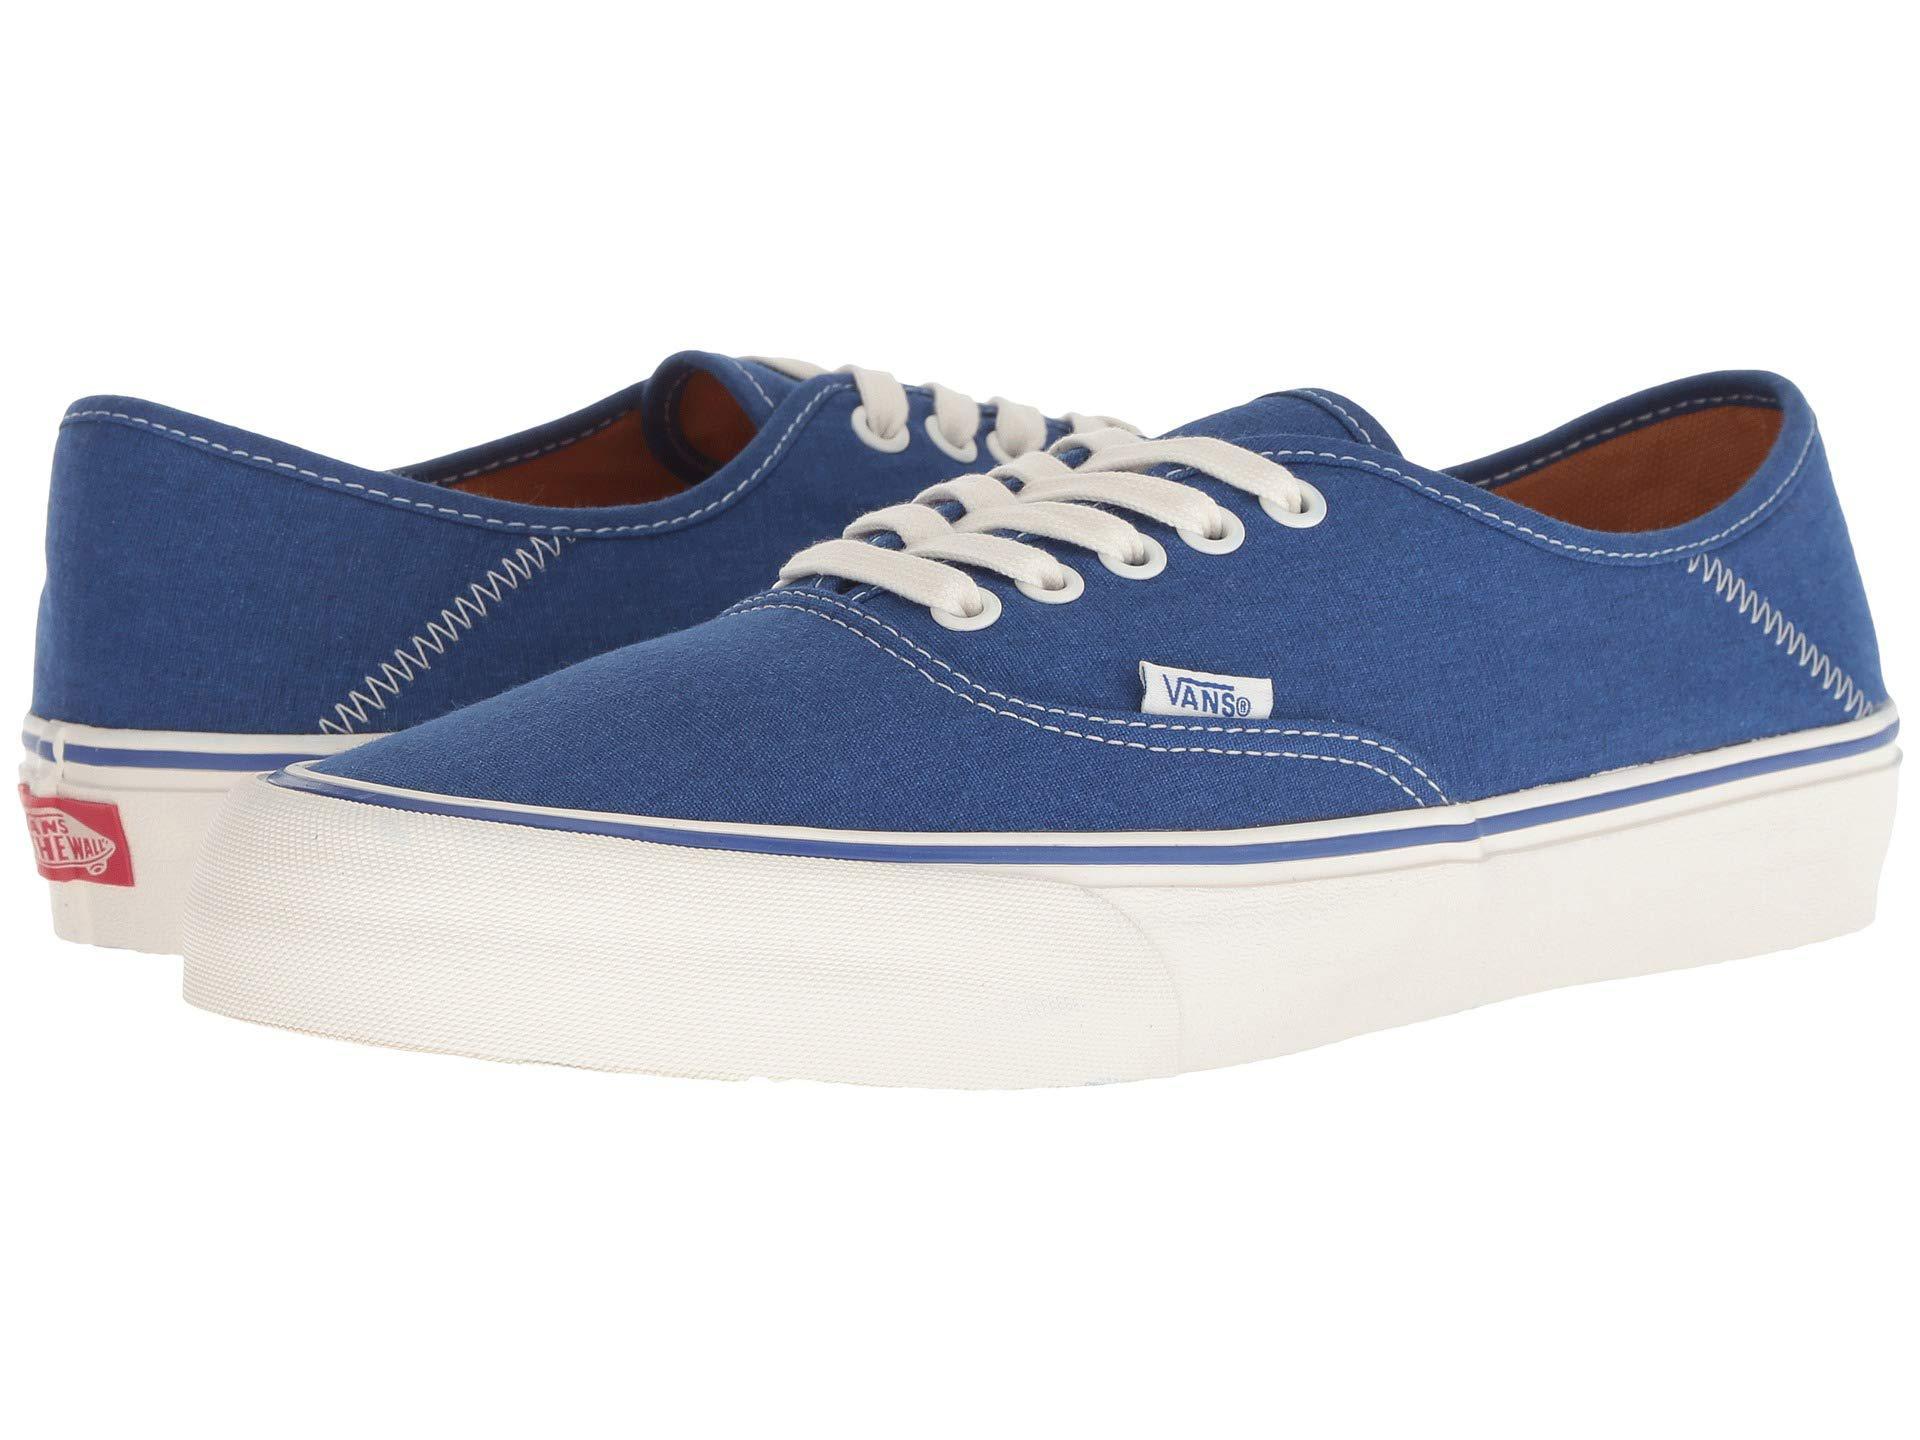 a9849871d8 Lyst - Vans Authentic Sf ((salt Wash) True Blue marshmallow) Men s ...